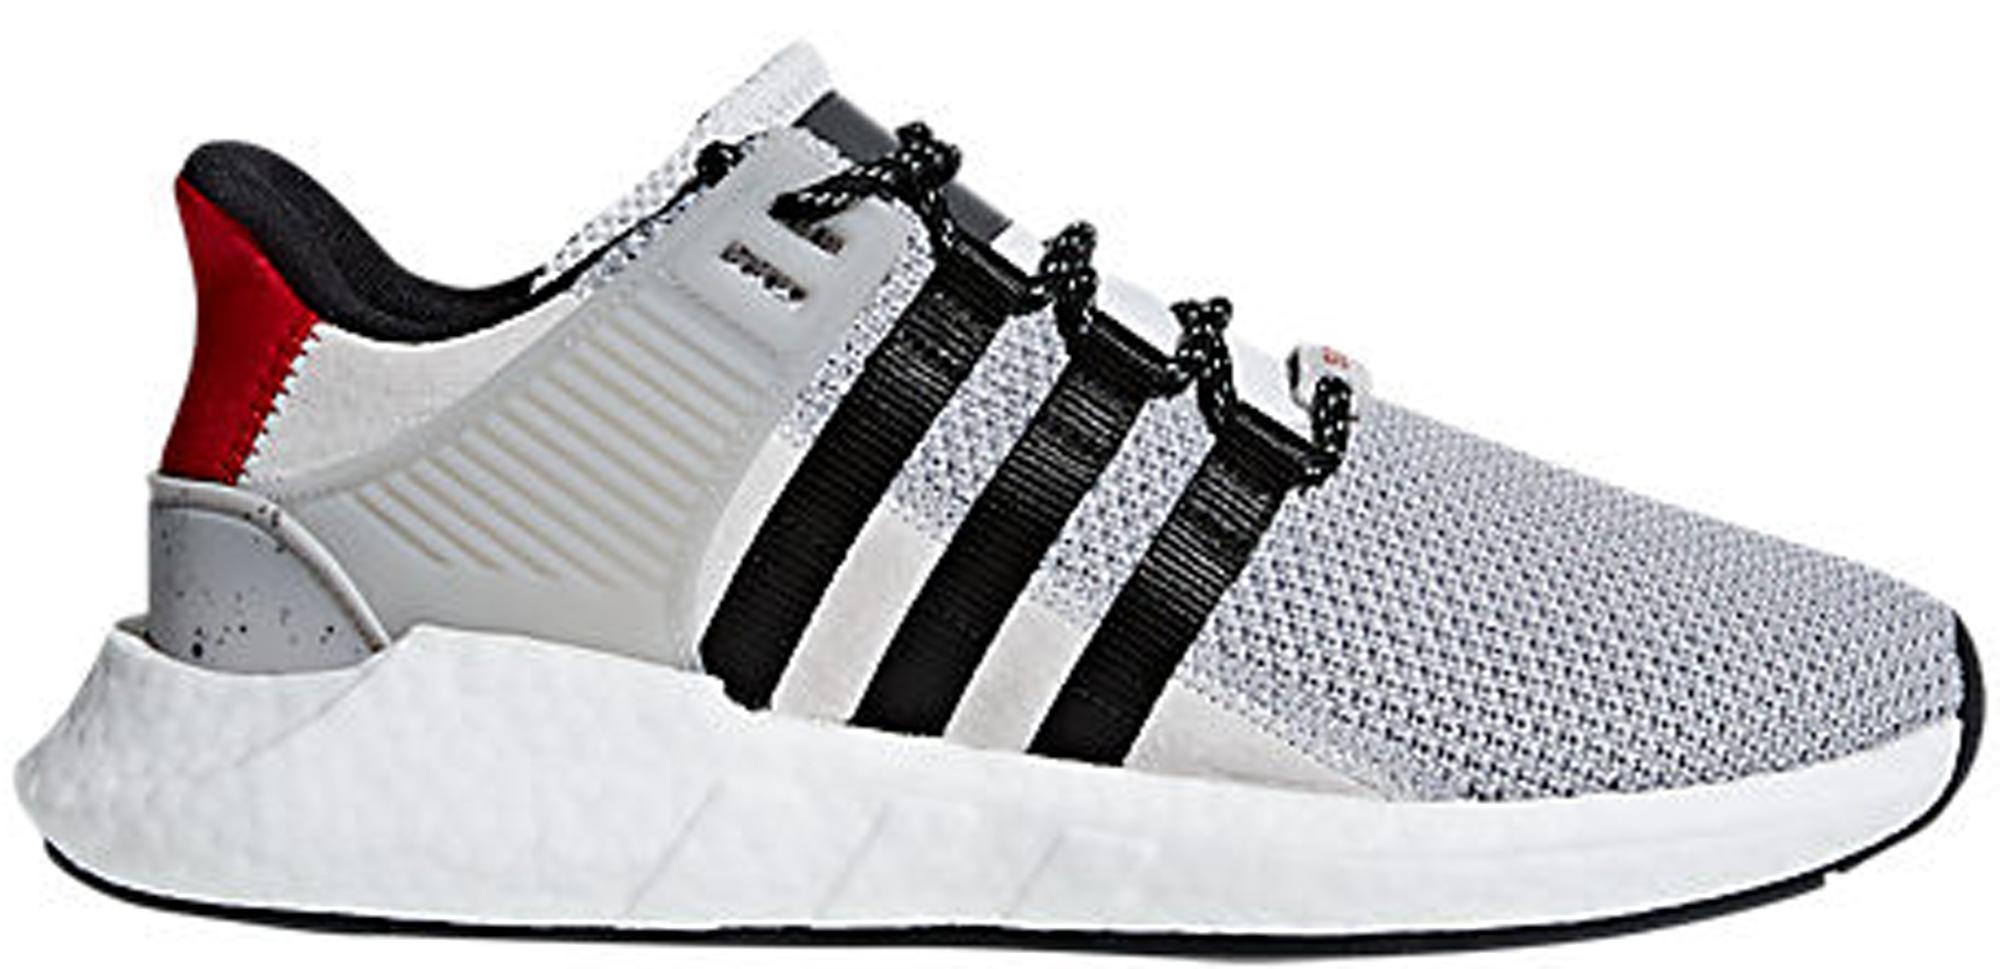 adidas EQT Support 93/17 Grey Black